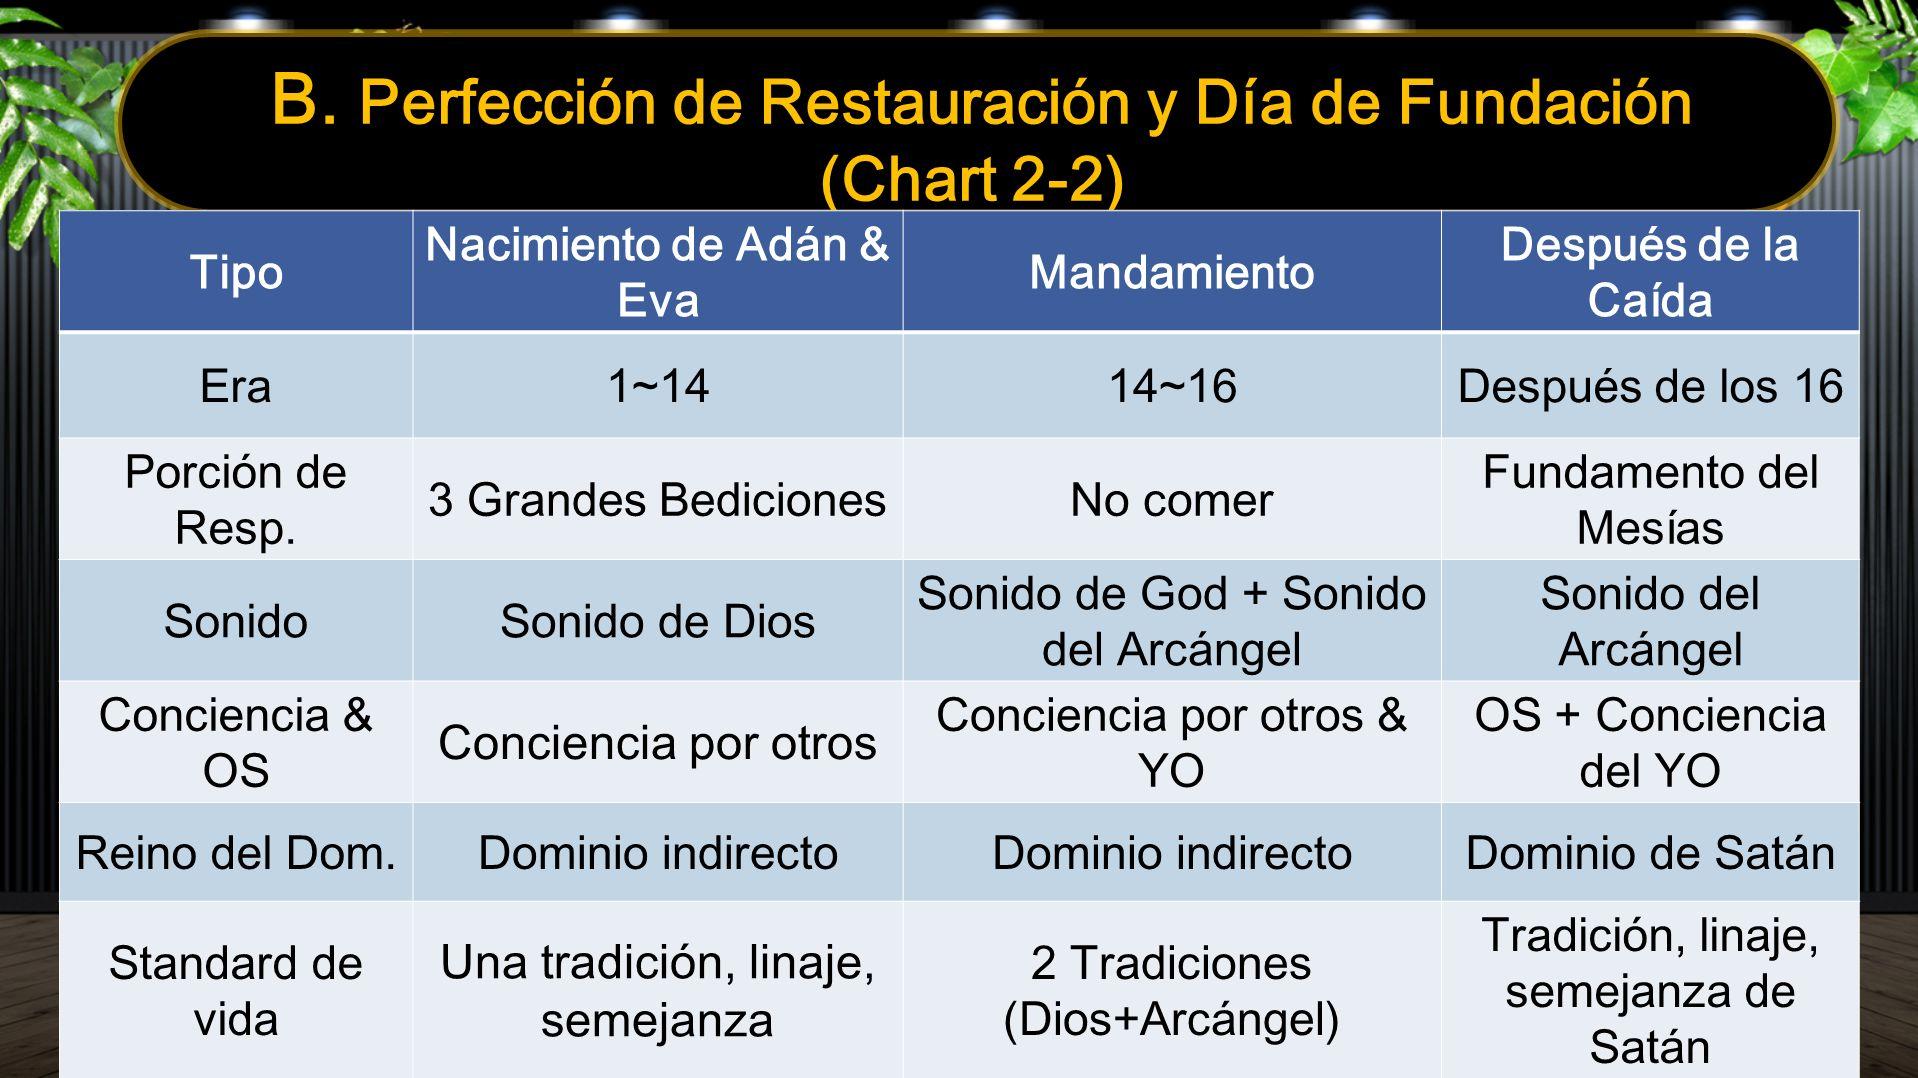 B. Perfección de Restauración y Día de Fundación